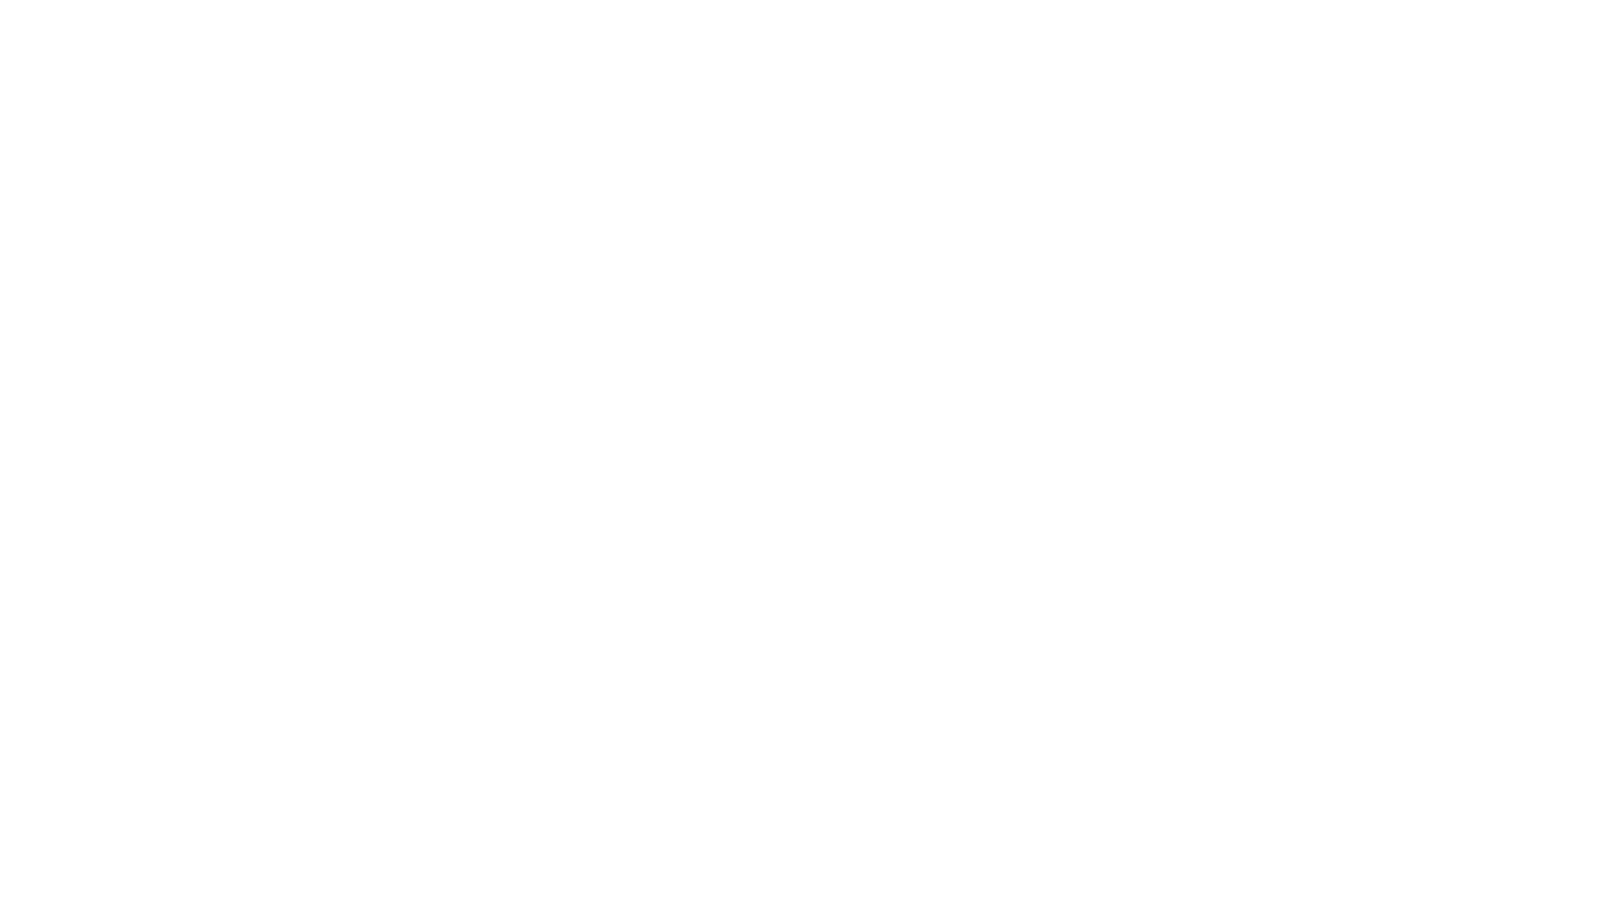 Cités dans ce vlog : - Mon Article de blog sur le carnet du bonheur : https://www.carofromwoodland.com/le-carnet-du-bonheur/ - Le flot de pensée : https://changemavie.com/episodes/lotdepensees - Puzzle New Yorker : https://ladernierepiece.fr/ (produit offert) - Puzzle de Noël livres : Ravensburger - Puzzle de Noël boule de neige : Galison - Le fleuriste où j'ai acheté les Jack'O'Lantern à creuser : Fayolles Fleurs à Dardilly - Je porte les pulls : KJP.com (en S) et Joanie Clothing (en S). - Thé noir à la Citrouille : https://www.terradruidae.com/produit/the-noir-pumpkin-bio/ (produit offert) - Kits pour découpe citrouille : Gifi (ou amazon) - Déco feutrine : lety_egn sur instagram  - Mon Halloween 2019 :https://www.carofromwoodland.com/mon-halloween-2019/ - Mon Halloween 2018 : https://www.carofromwoodland.com/comment-profiter-pleinement-de-sa-soiree-dhalloween/ - Mon Halloween 2017 : https://www.carofromwoodland.com/mon-halloween-2017/ - Mon Halloween 2016 : https://www.carofromwoodland.com/mon-halloween/ - Ma playlist d'Halloween : https://www.carofromwoodland.com/ma-playlist-dhalloween/  Toutes les références déco sont a retrouver sous ma vidéo Déco d'Automne : https://youtu.be/bfwsGAFpUVk  ------------------------------------------------------------------------------ Musiques de fond sous licence Epidemic Sound Logiciel Montage vidéo : Wondershare Filmora ------------------------------------------------------------------------------ Retrouvez : - Ma boutique : https://caro-from-woodland.myshopify.com/  - Mon site : https://carofromwoodland.com/  Suivez-moi sur : - Instagram : https://www.instagram.com/carofromwoodland/ - Facebook : https://www.facebook.com/CaroFromWoodland - Pinterest : https://www.pinterest.com/carohebdo/  #ateliervlog #studiovlog #illustration #vlog #eshop #creatrice #cosy